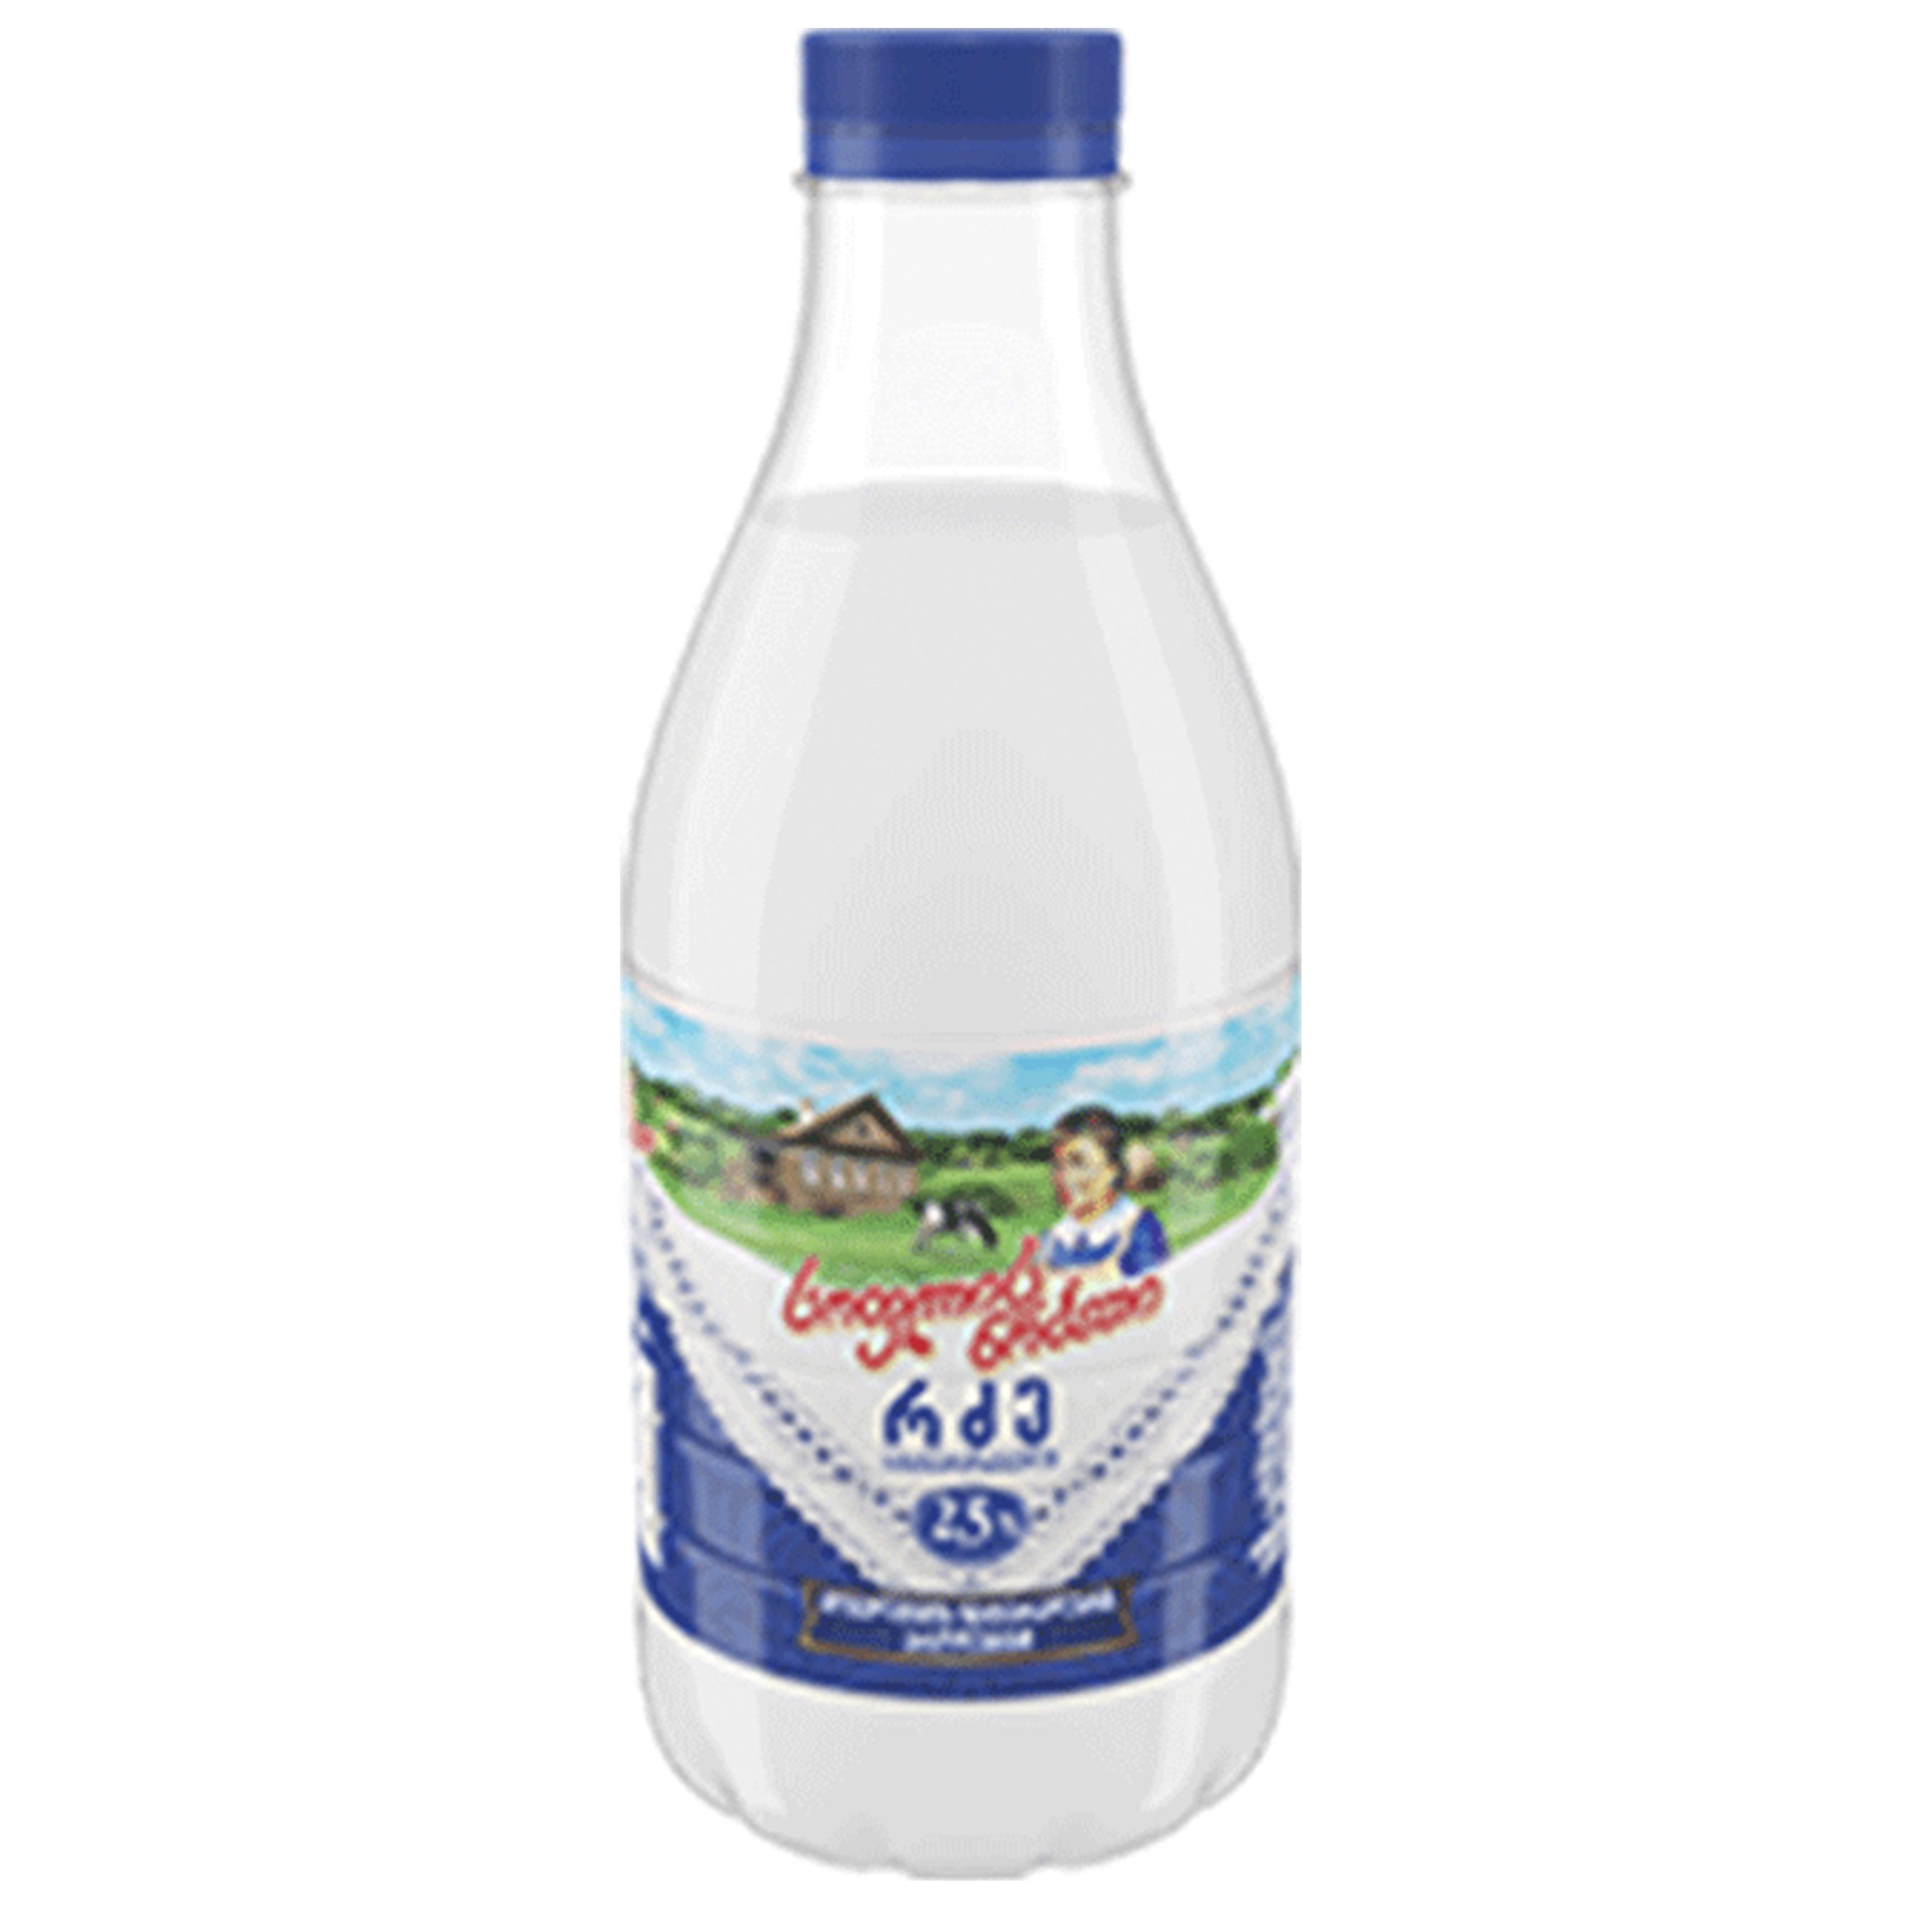 რძე სოფლის ნობათი  2,5% 950 მლ